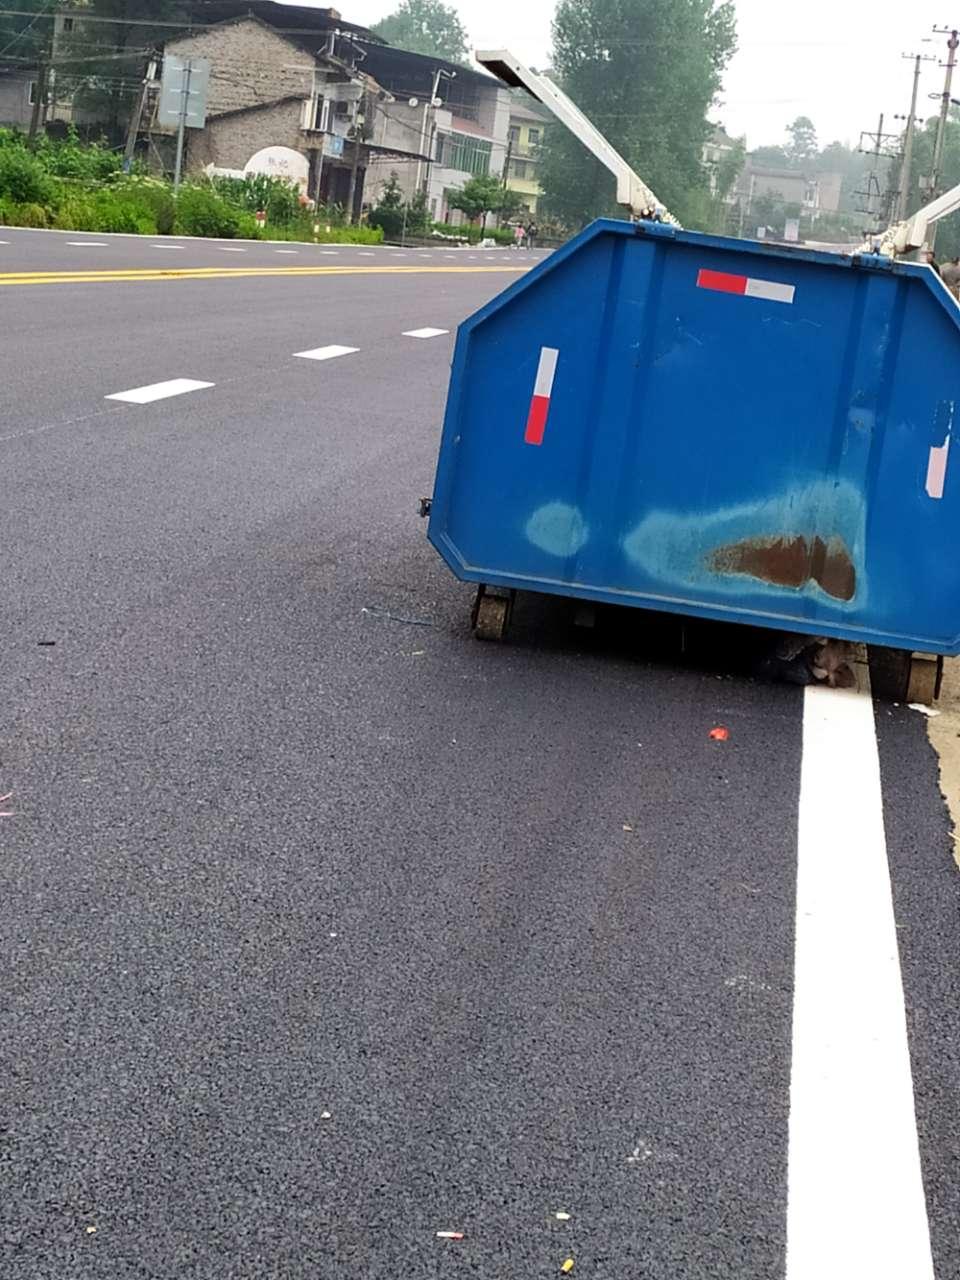 聚奎至七桥之间有几个垃圾桶仍然放在公路上,影响交通安全